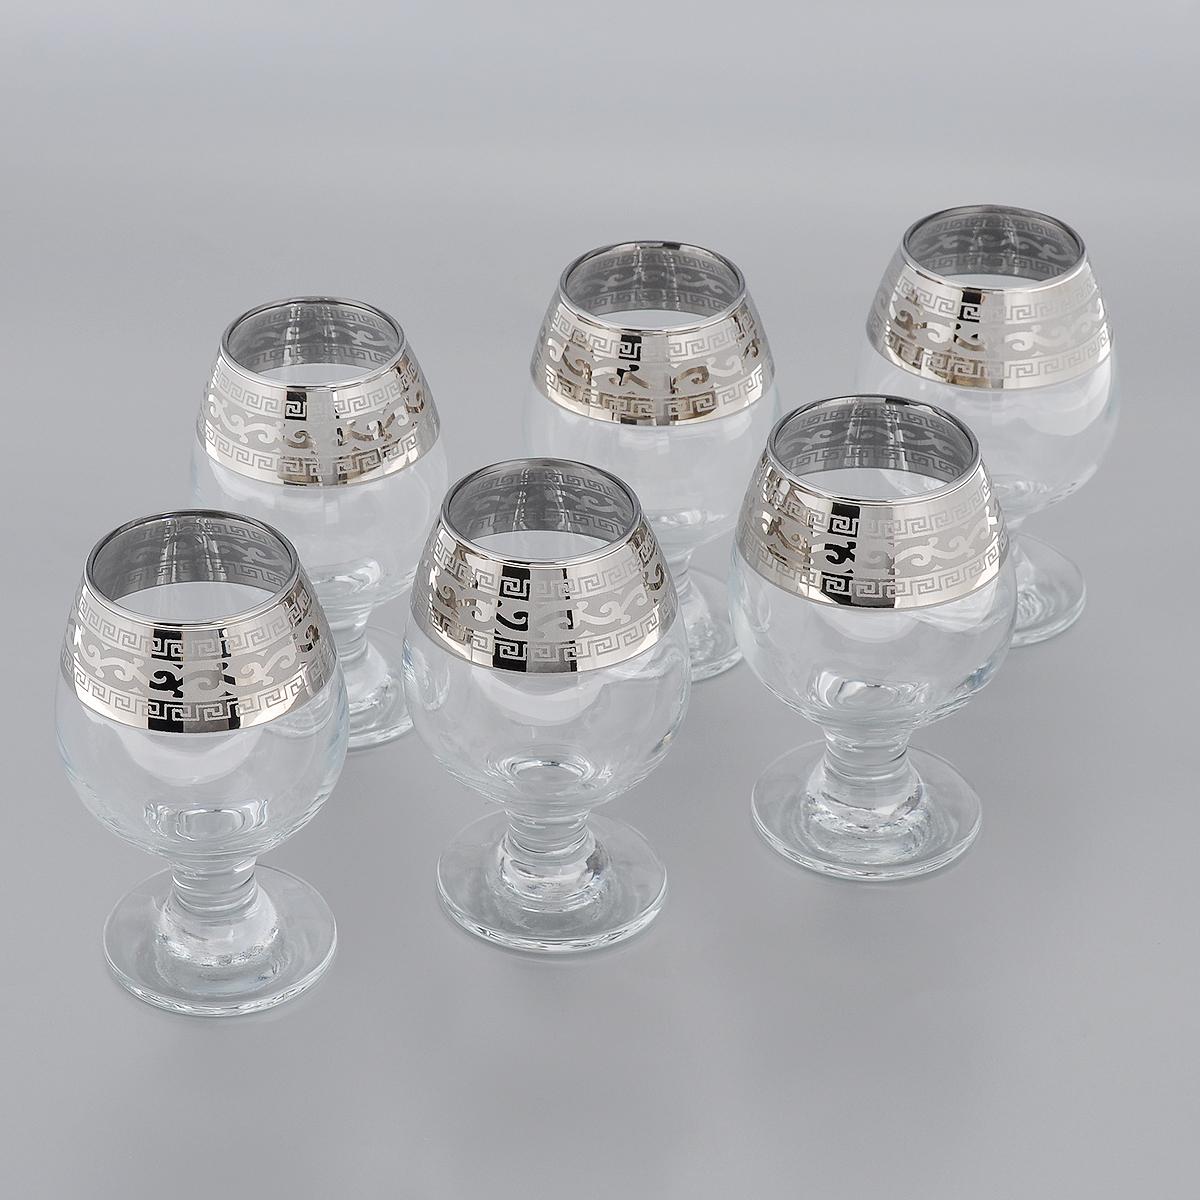 Набор фужеров для бренди Гусь-Хрустальный Версаче, 250 мл, 6 штGE08-483Набор Гусь-Хрустальный Версаче состоит из 6 фужеров для бренди на тонких коротких ножках, изготовленных из высококачественного натрий-кальций-силикатного стекла. Изделия оформлены красивым зеркальным покрытием и белым матовым орнаментом. Такой набор прекрасно дополнит праздничный стол и станет желанным подарком в любом доме. Разрешается мыть в посудомоечной машине. Диаметр фужера (по верхнему краю): 5 см. Высота фужера: 11,5 см.